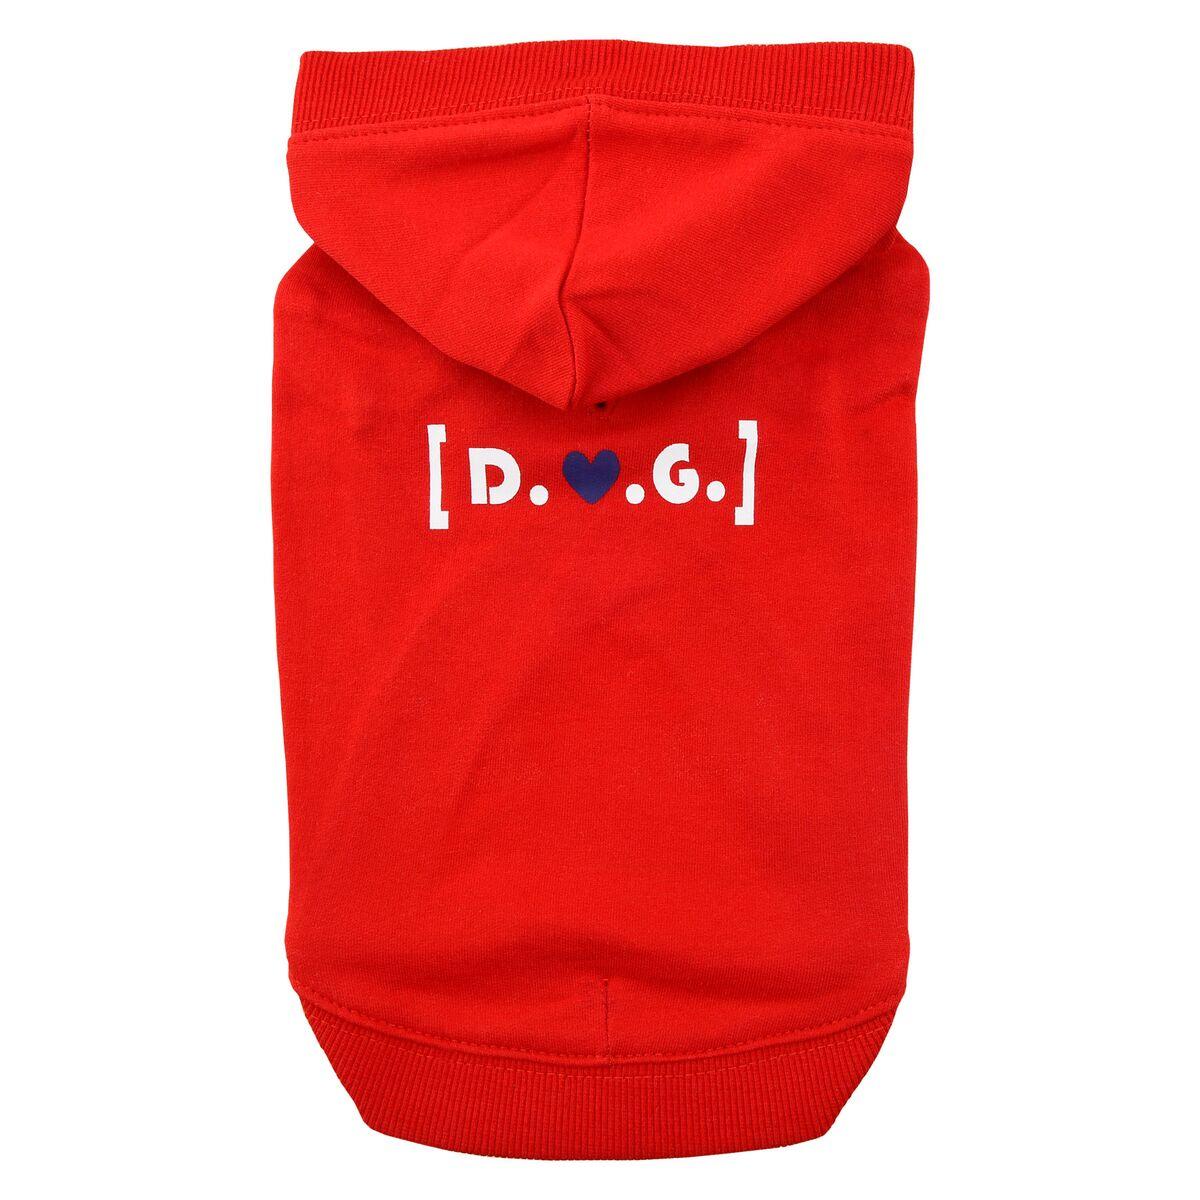 Одежда для собак Puppia (Южная Корея) D.O.G. PASA-TS1607-RD-L, красный